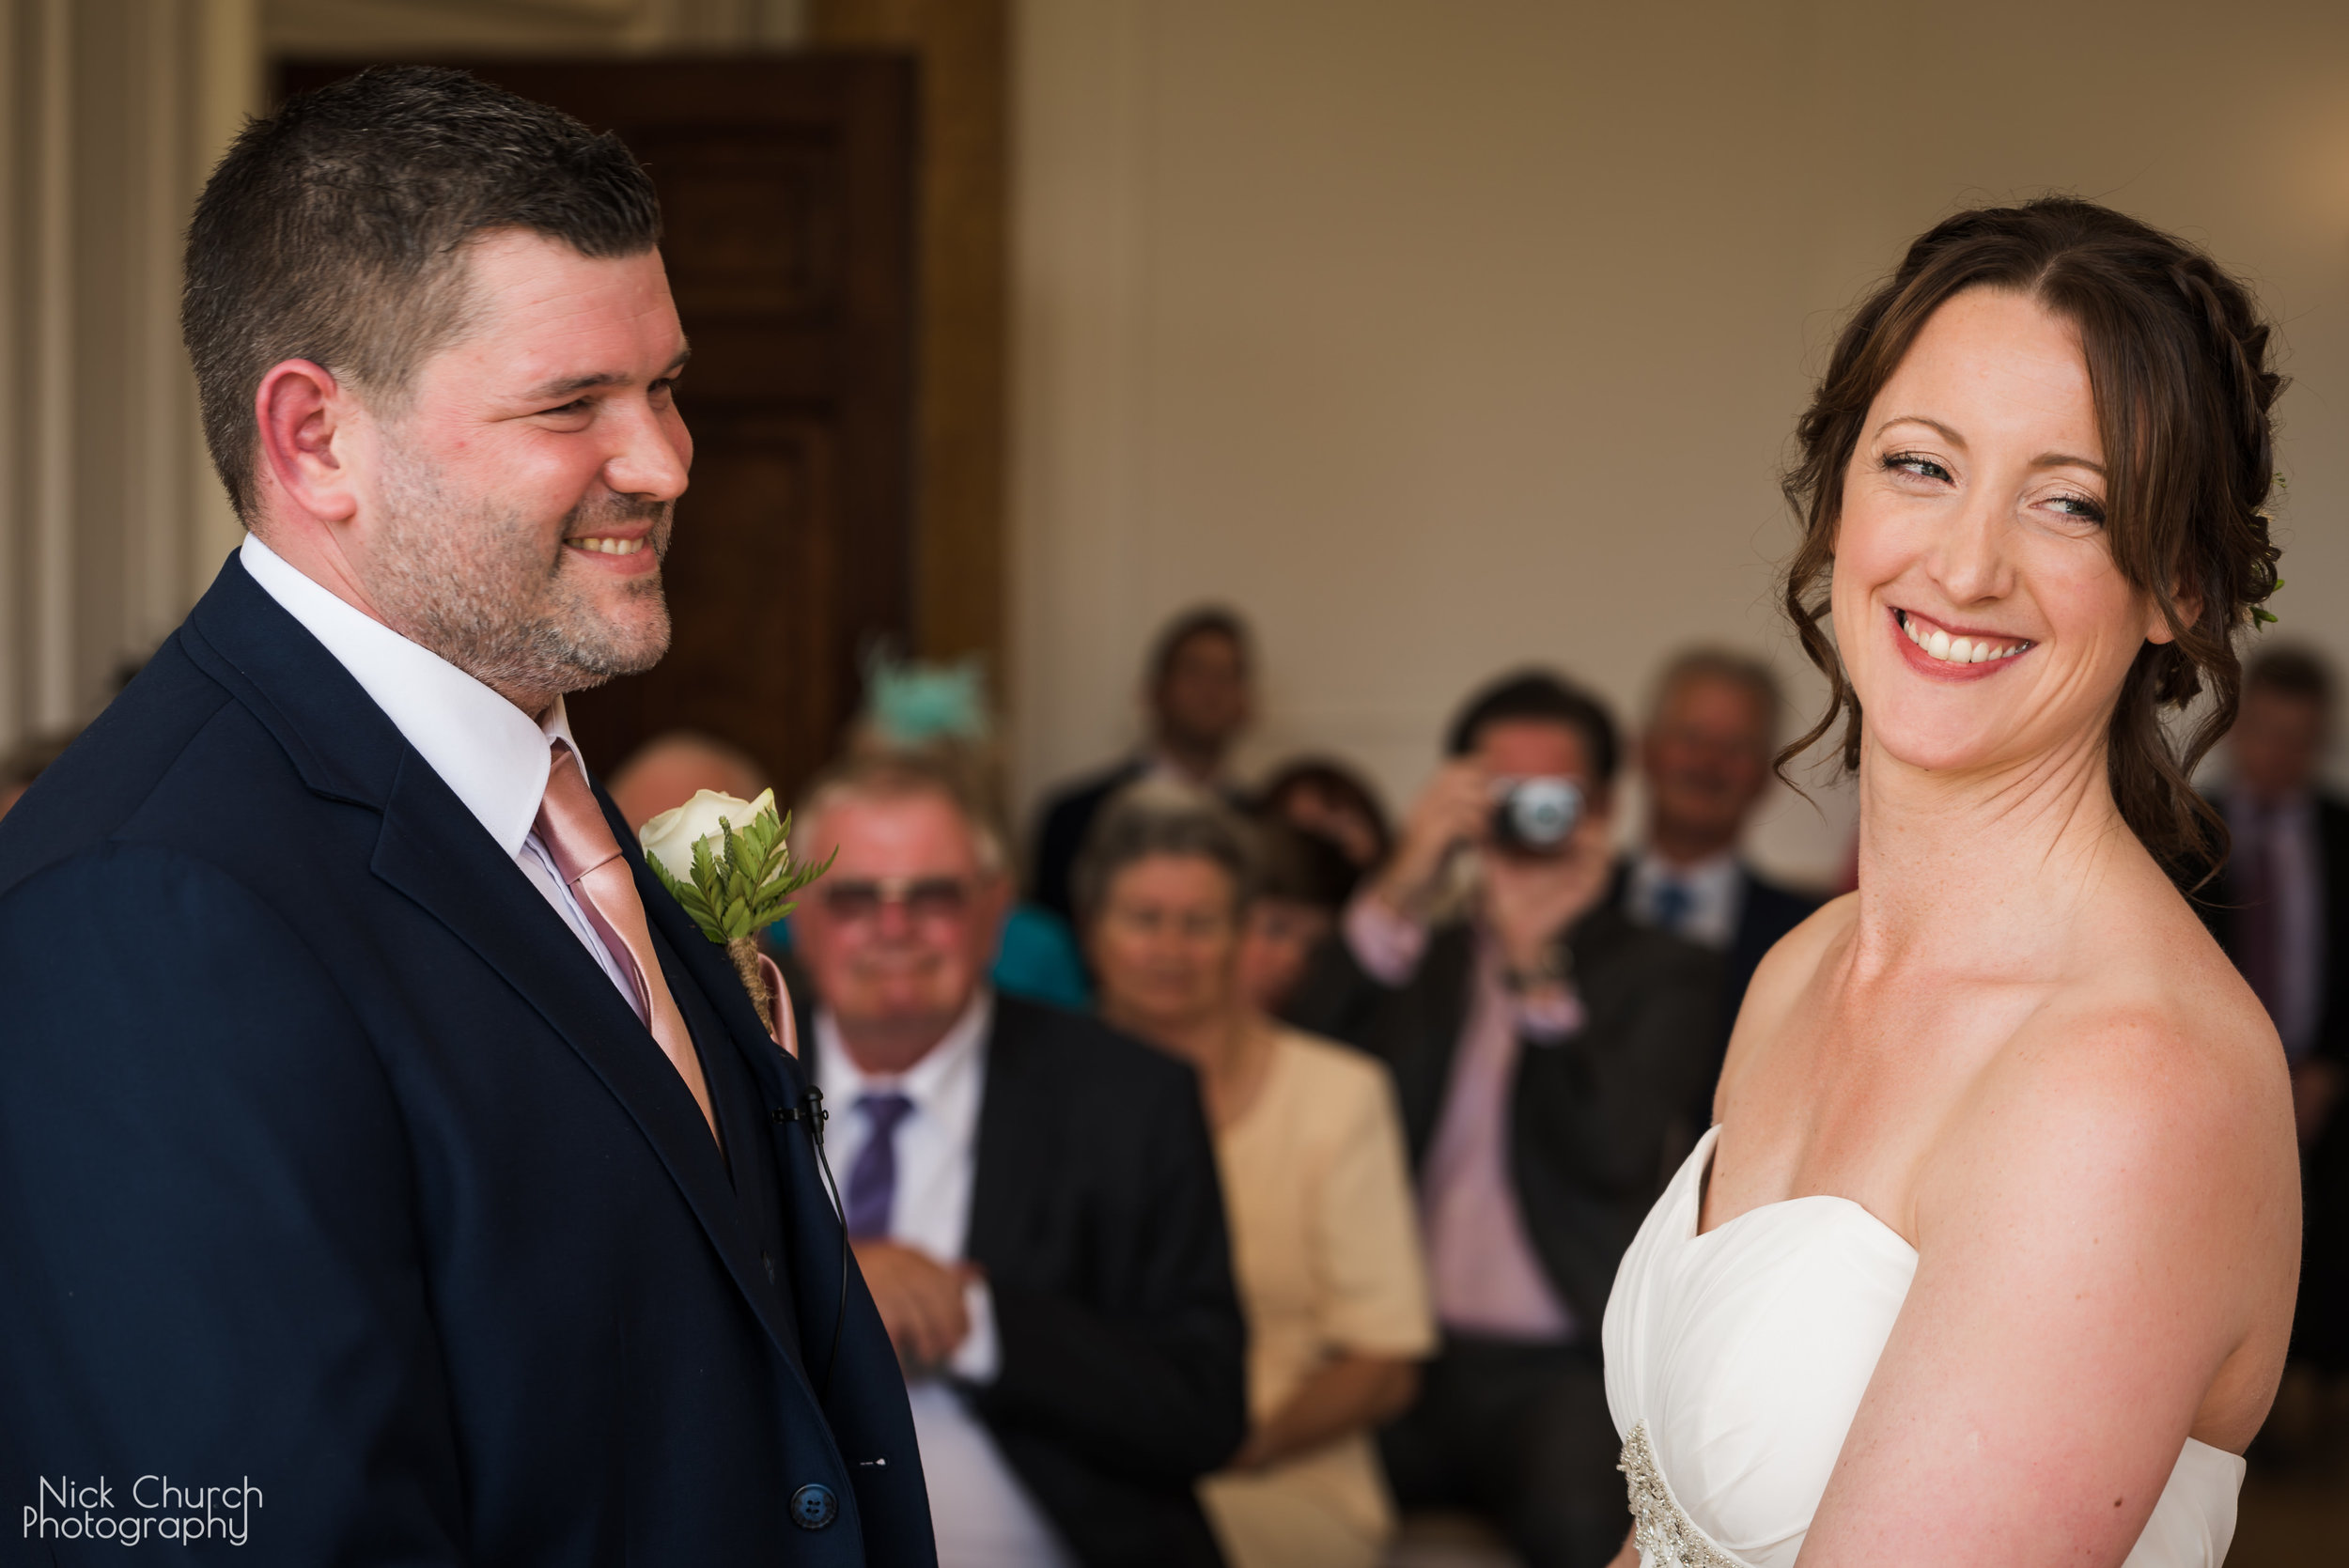 NC-2018-05-07-joanna-and-steve-wedding-1714.jpg